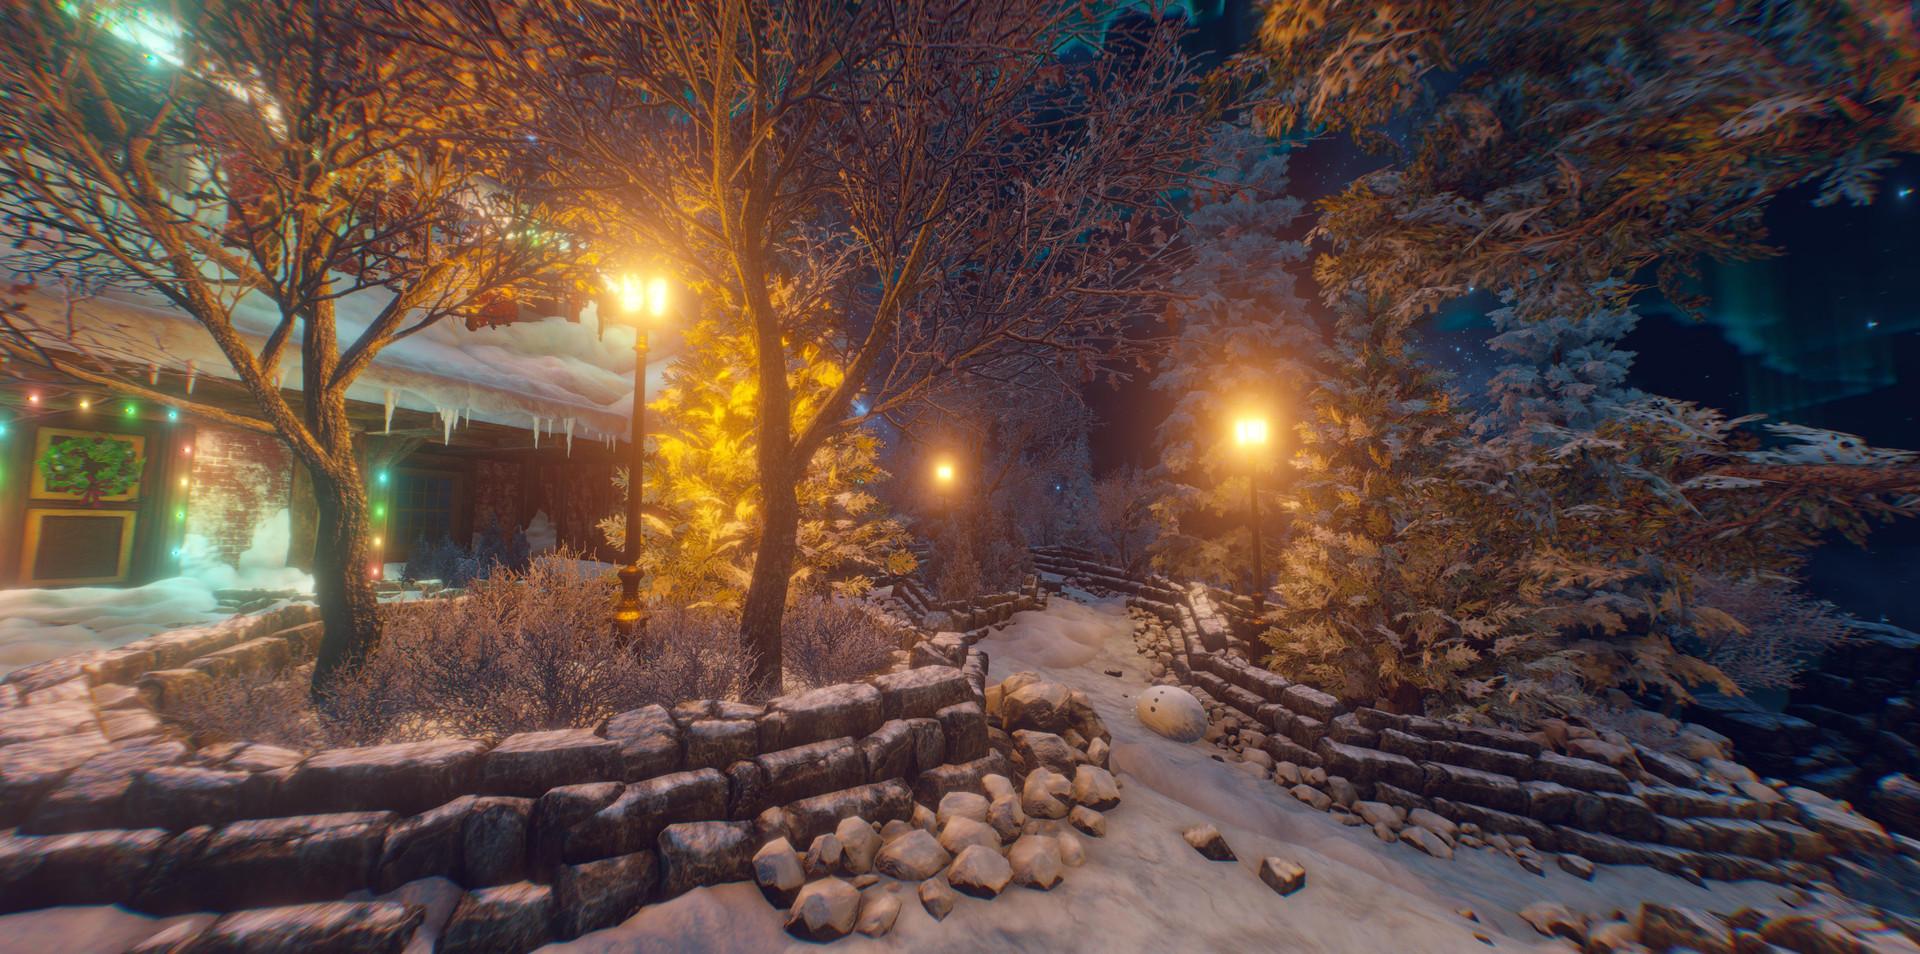 ER_Christmas_5.jpg